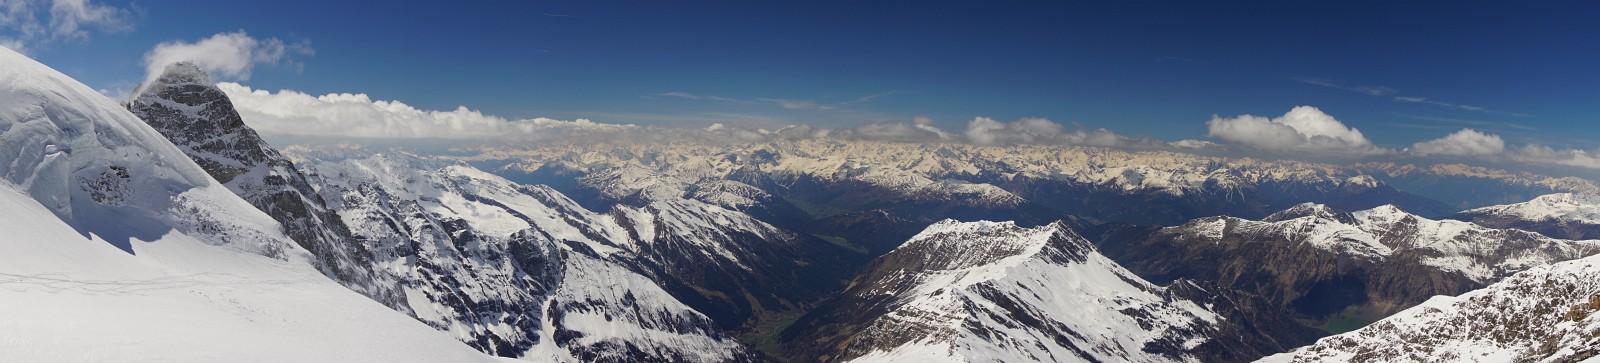 Ausblick vom Falschen Kaserer Richtung Westen in die Stubaier Alpen (Klick zur Vergrößerung)